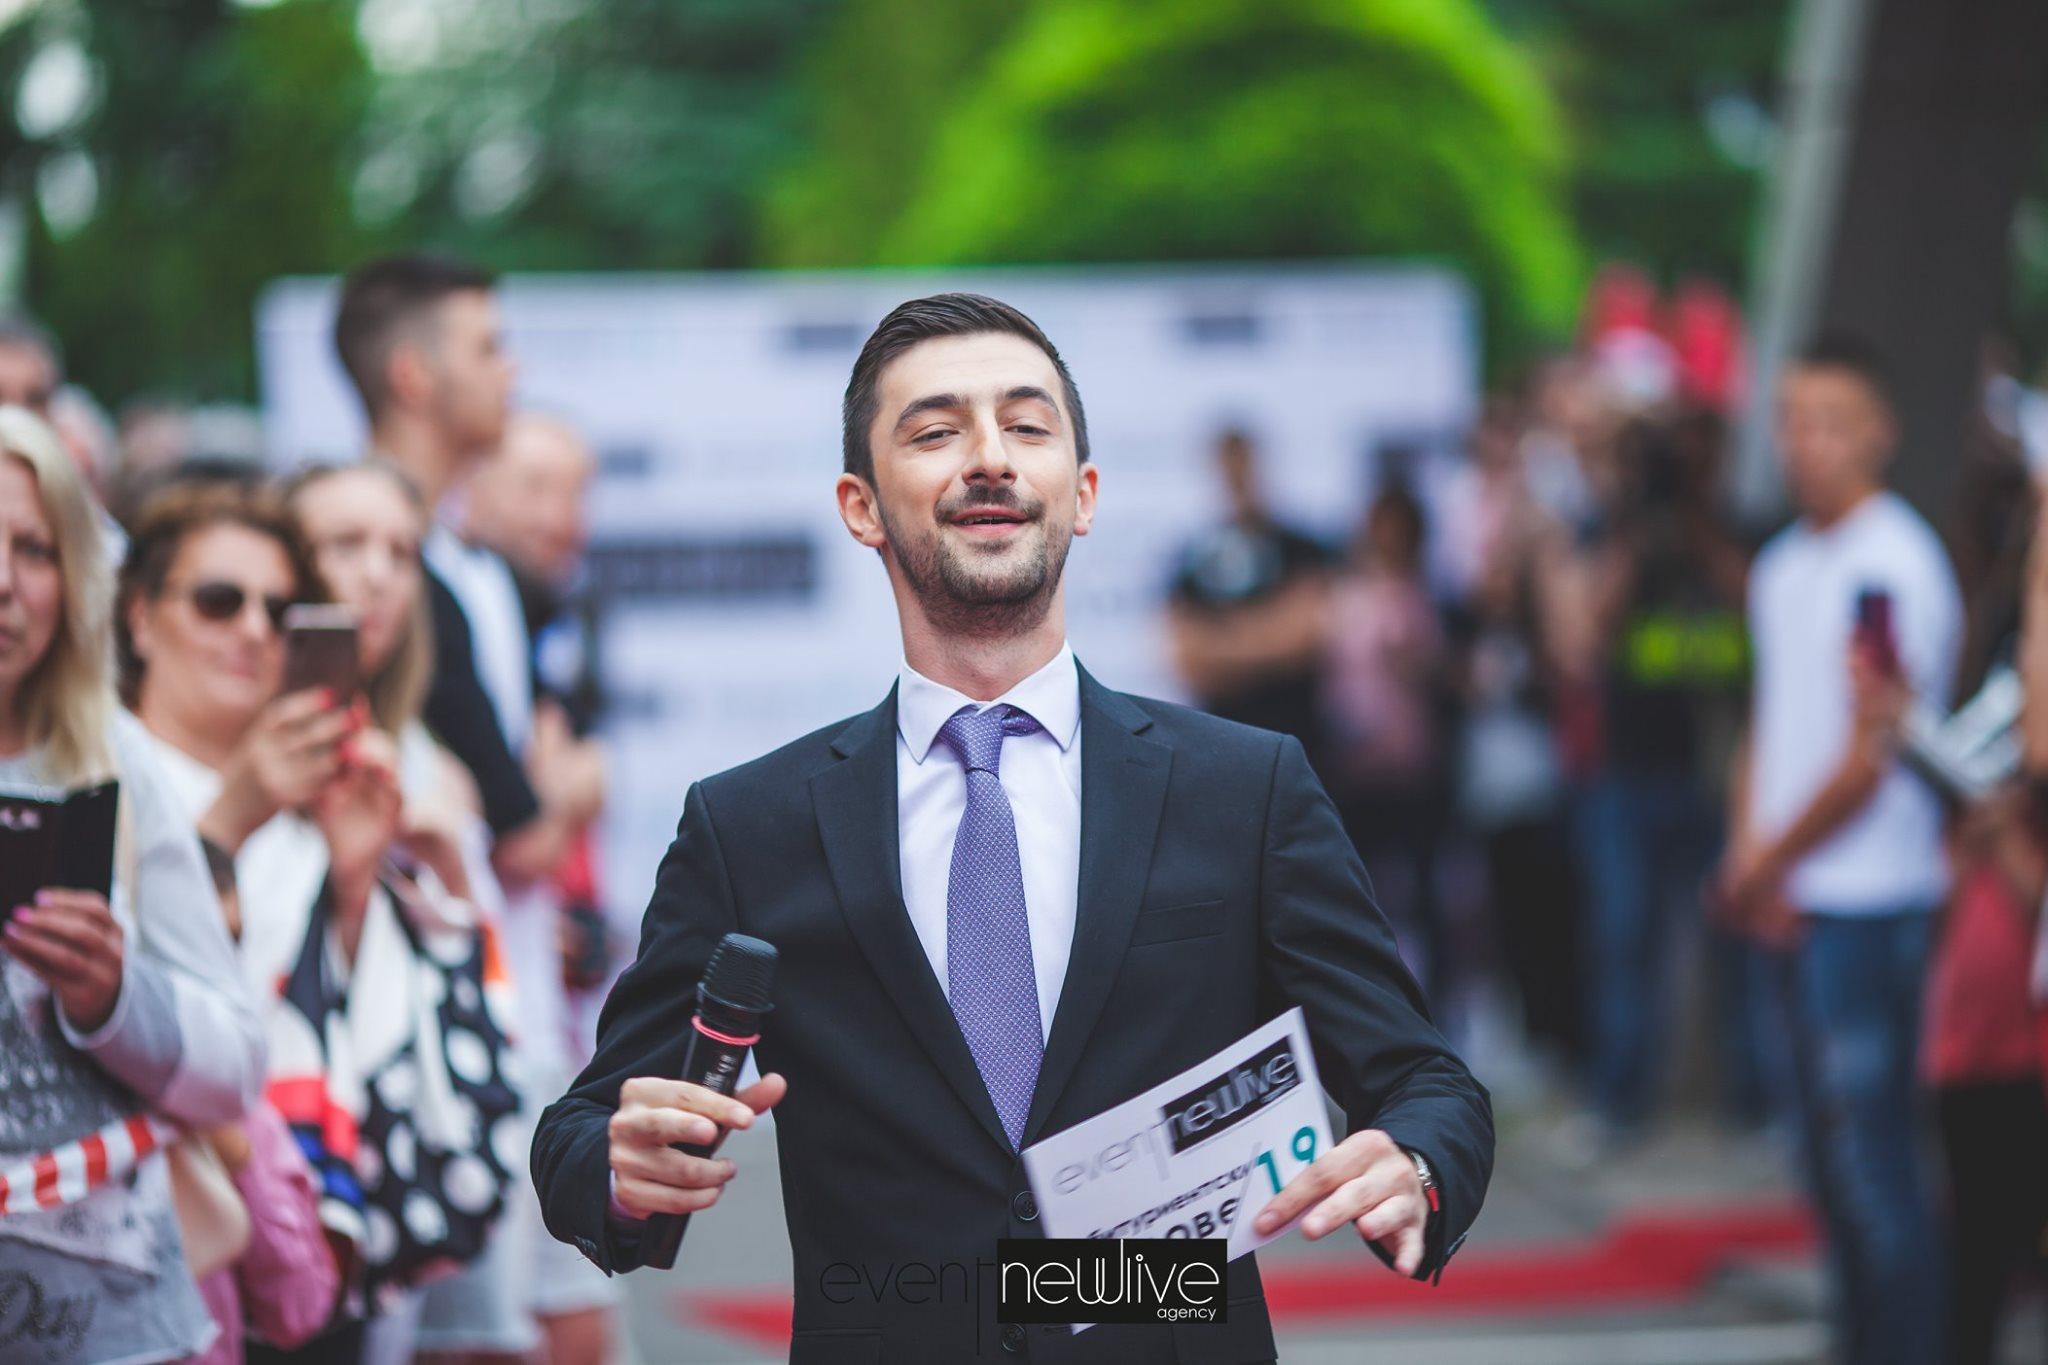 Водещ номер едно - Теодор Тодоров - Тео, сватбен водещ, водещ на балове, Теодор Тодоров - Top Host